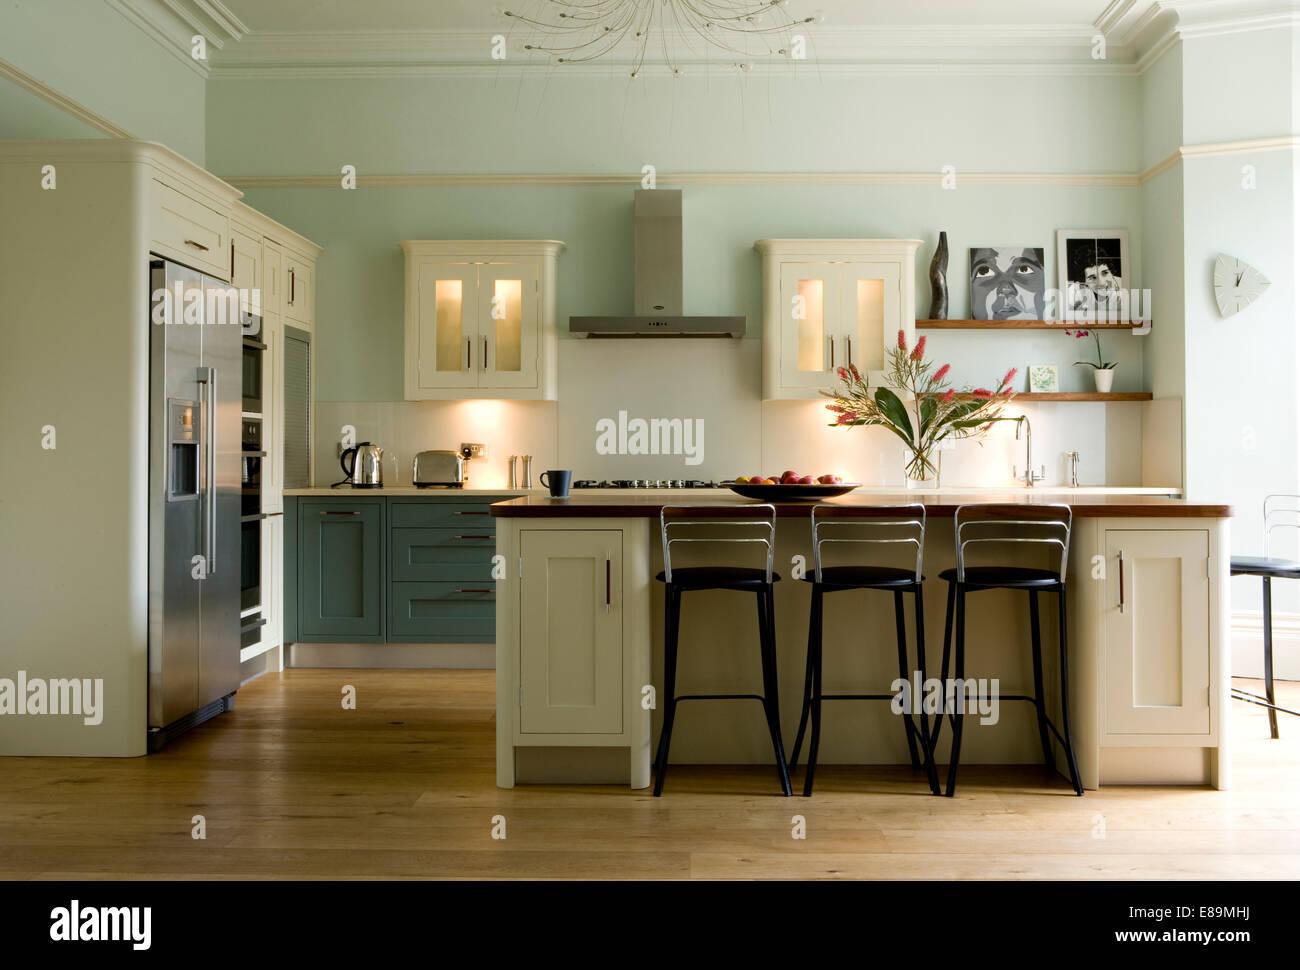 Barhocker bei Kochinsel Frühstücksbar in modernen Küche mit ...